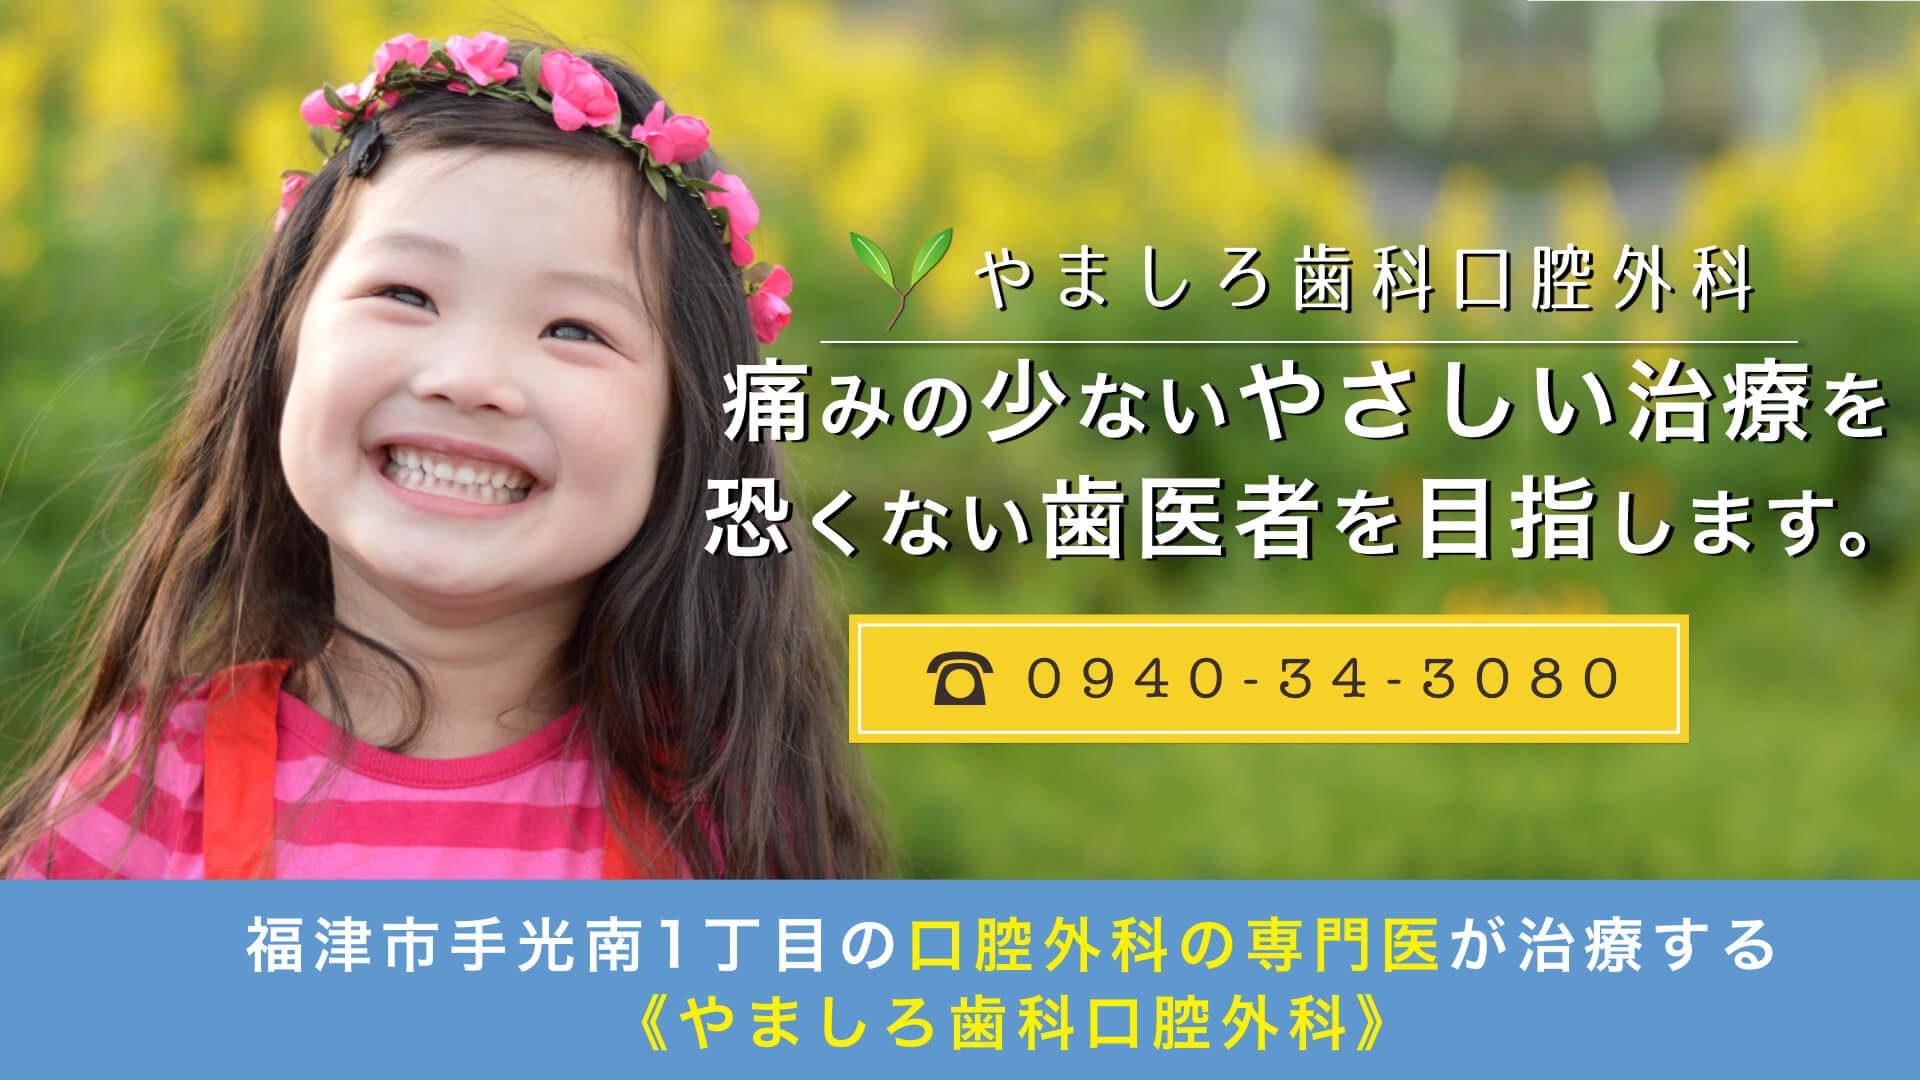 やましろ歯科口腔外科|口腔外科・口腔内科|福岡で親知らずの抜歯、ドライマウス、睡眠時無呼吸症候群、口腔がん健診のことならやましろ歯科口腔外科へ。日本口腔外科学会認定専門医が治療します。